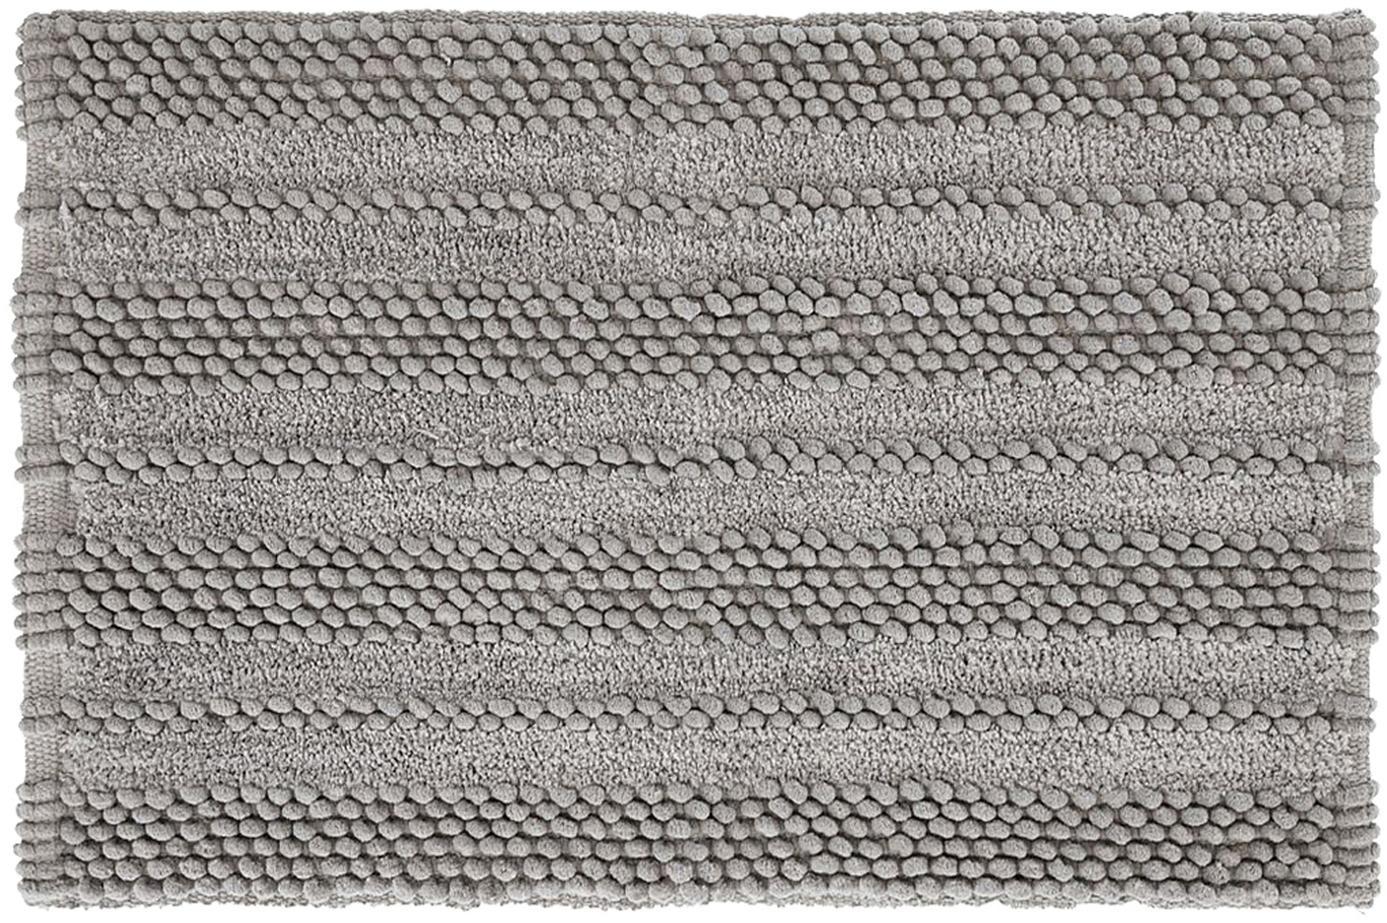 Alfombrilla de baño texturizada Nea, 65%chenilla, 35%algodón, Gris, An 80 x L 120 cm